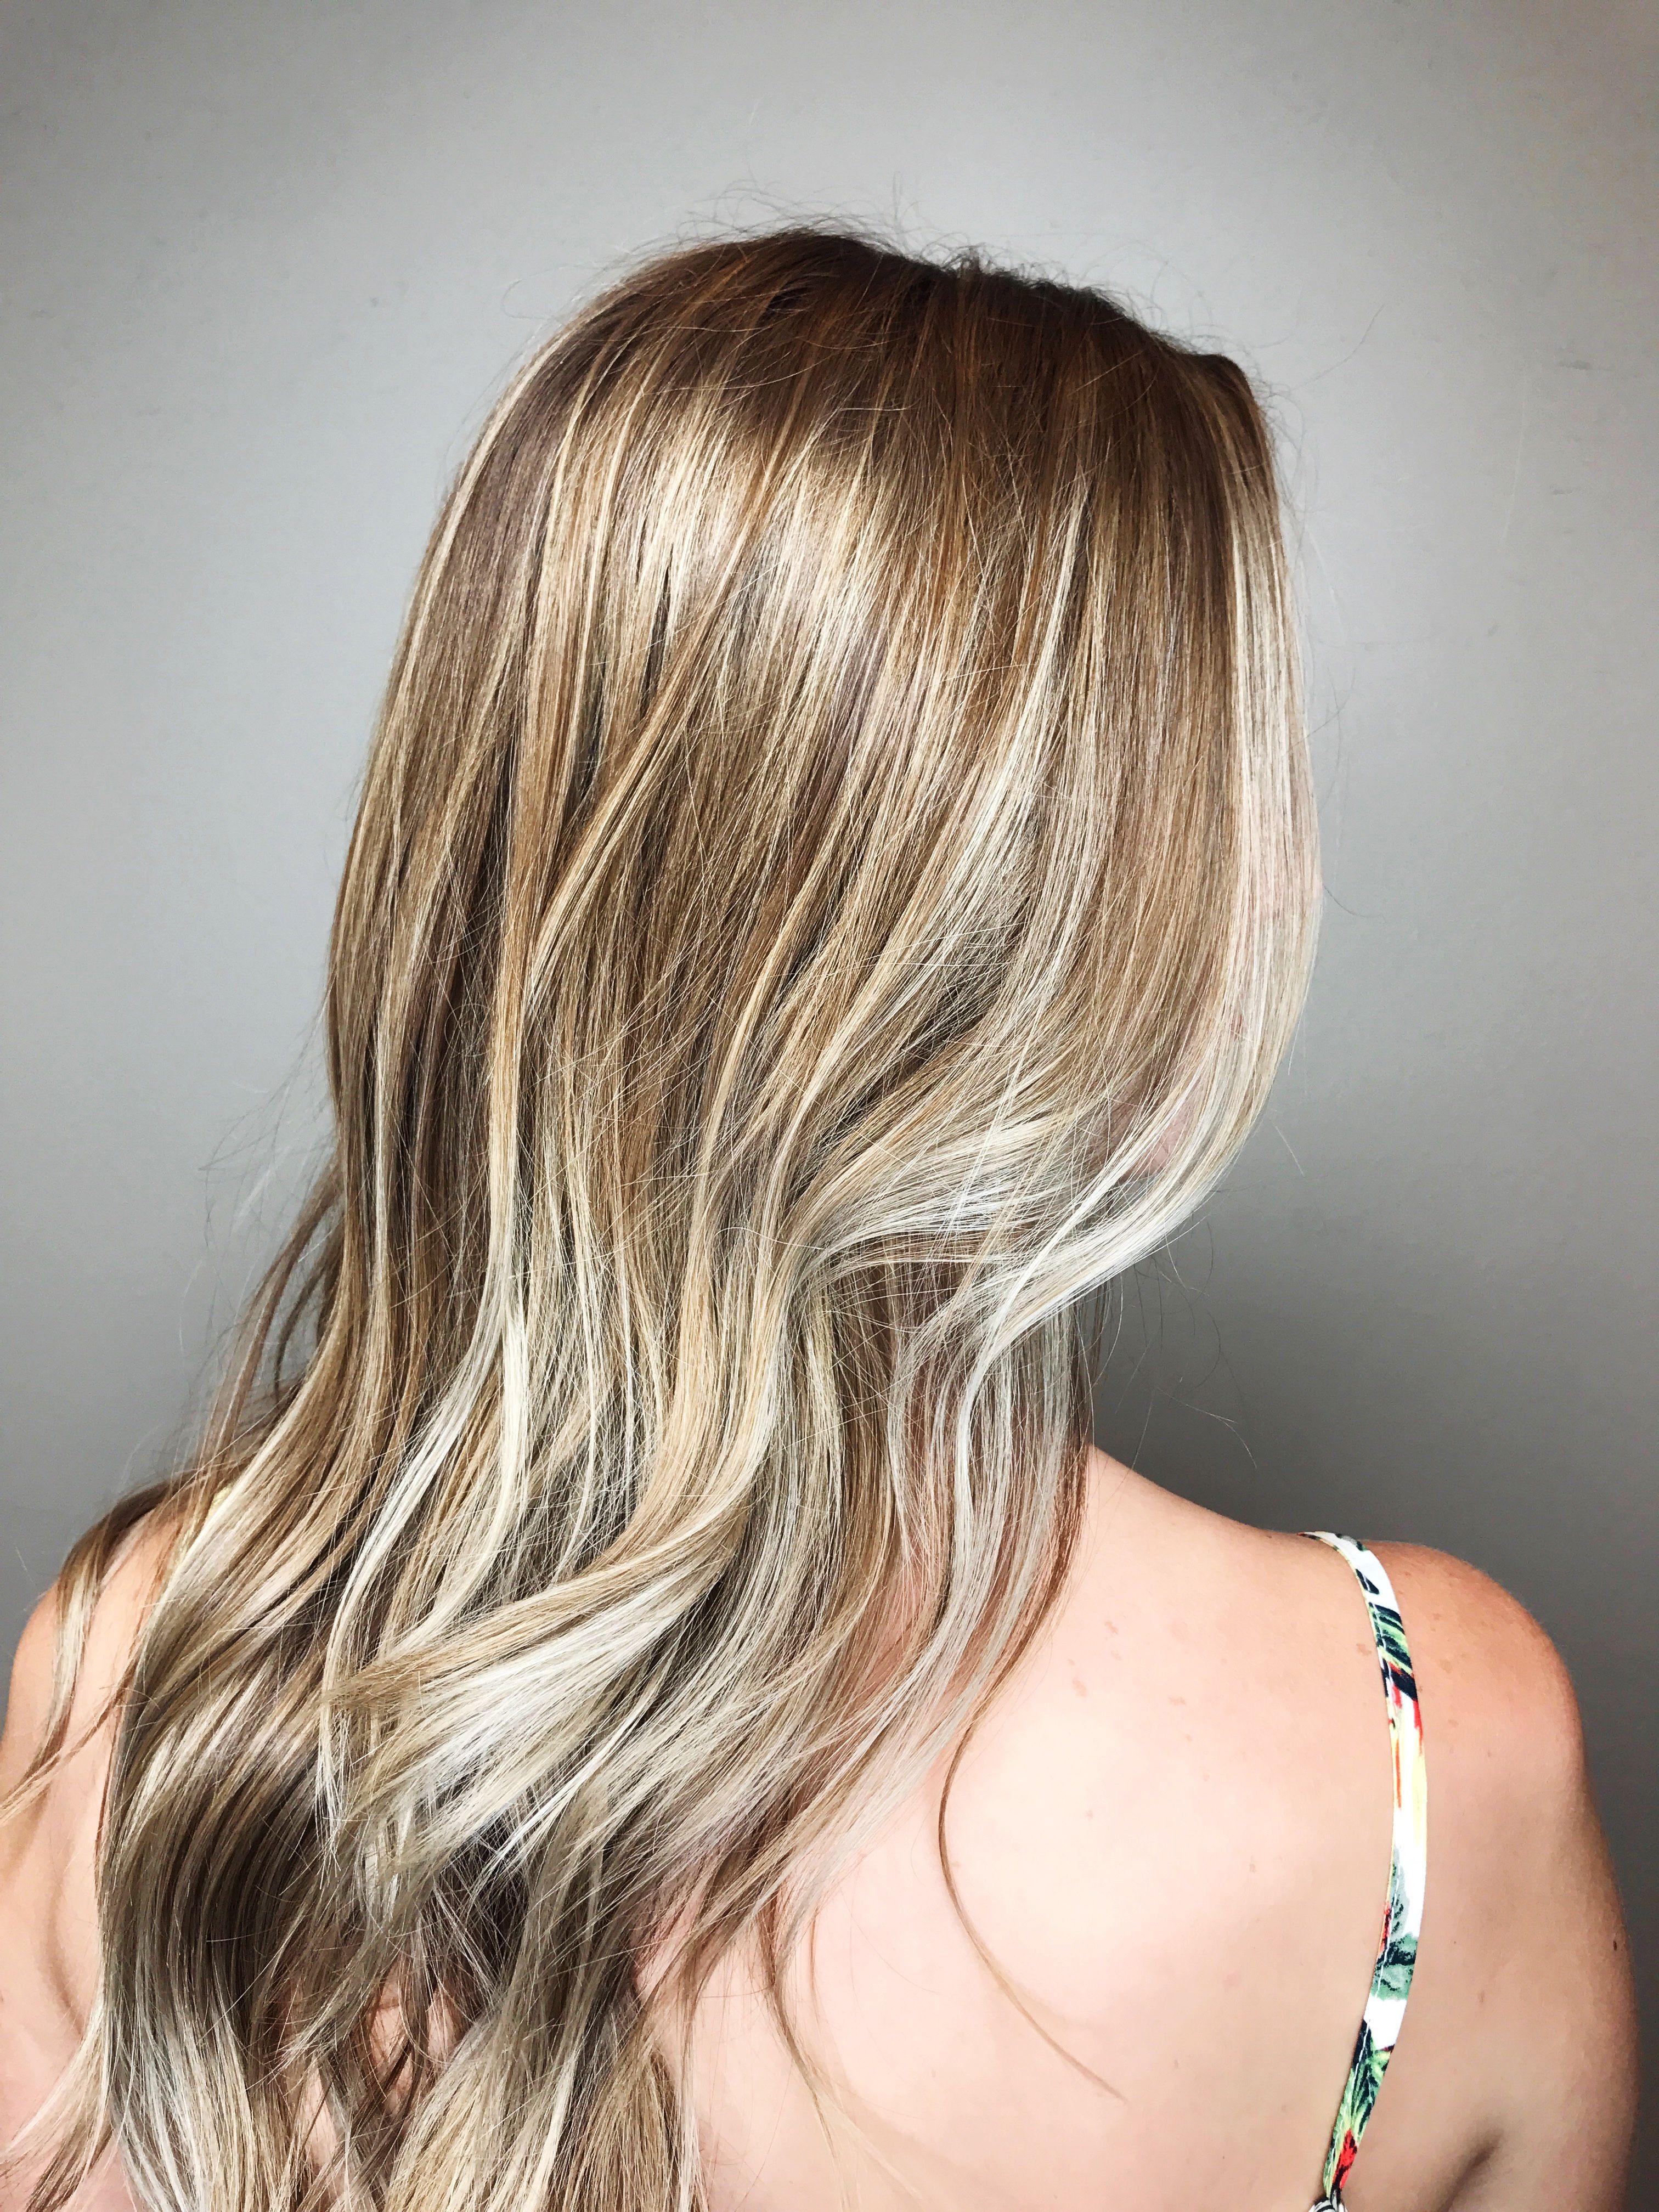 ash blonde by lauren mckeel at 140 salon in durham, nc